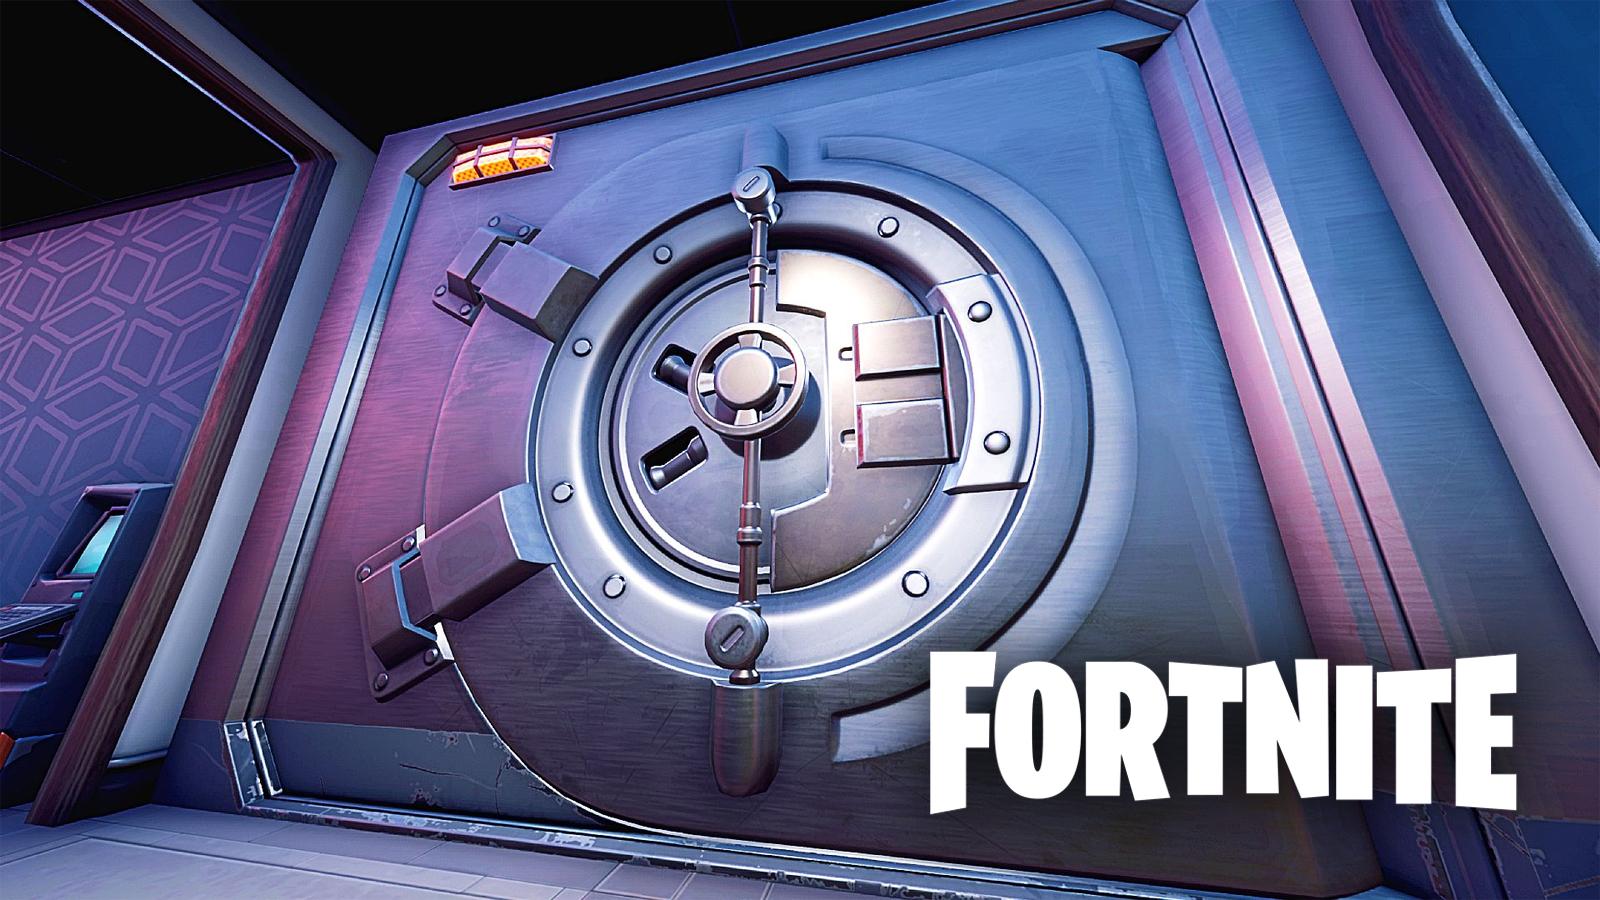 Fortnite Vault for 2FA